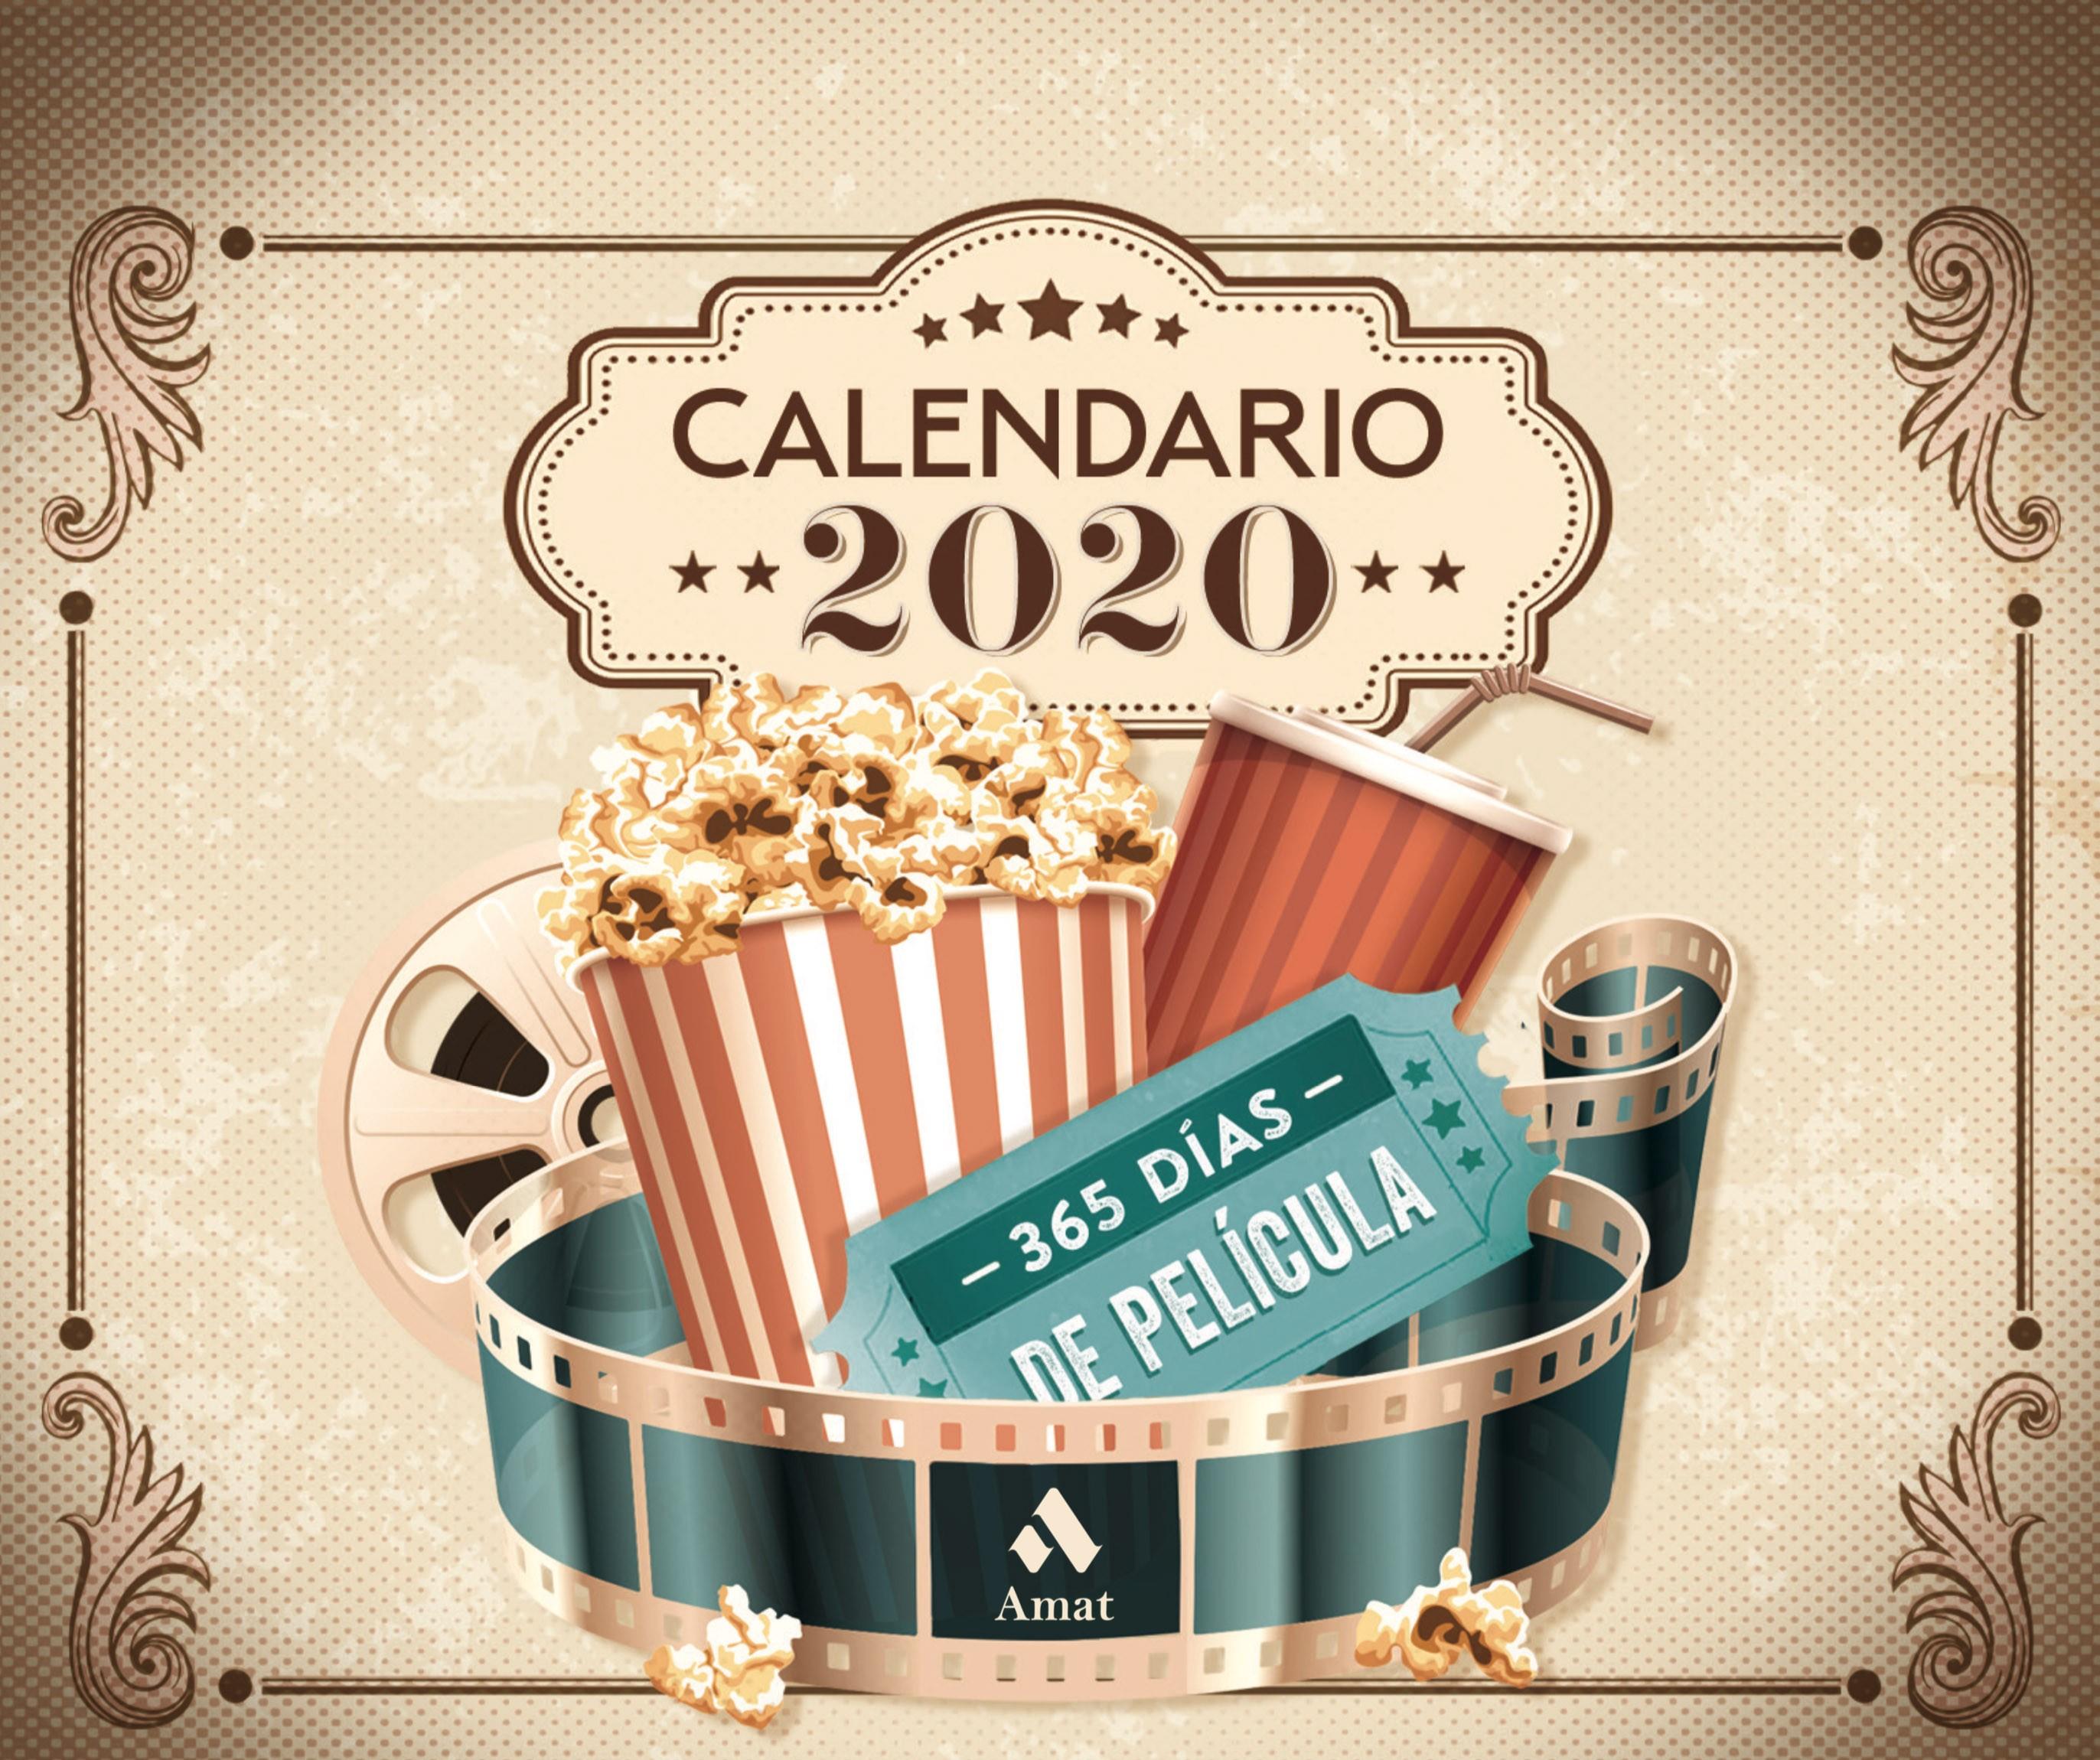 Calendario 2020 Y Sus Dias Festivos Más Actual Calendario 2020 Frases Literarias Editorial Profit Of Calendario 2020 Y Sus Dias Festivos Mejores Y Más Novedosos Texto Consolidado R2447 — Es — 21 04 2018